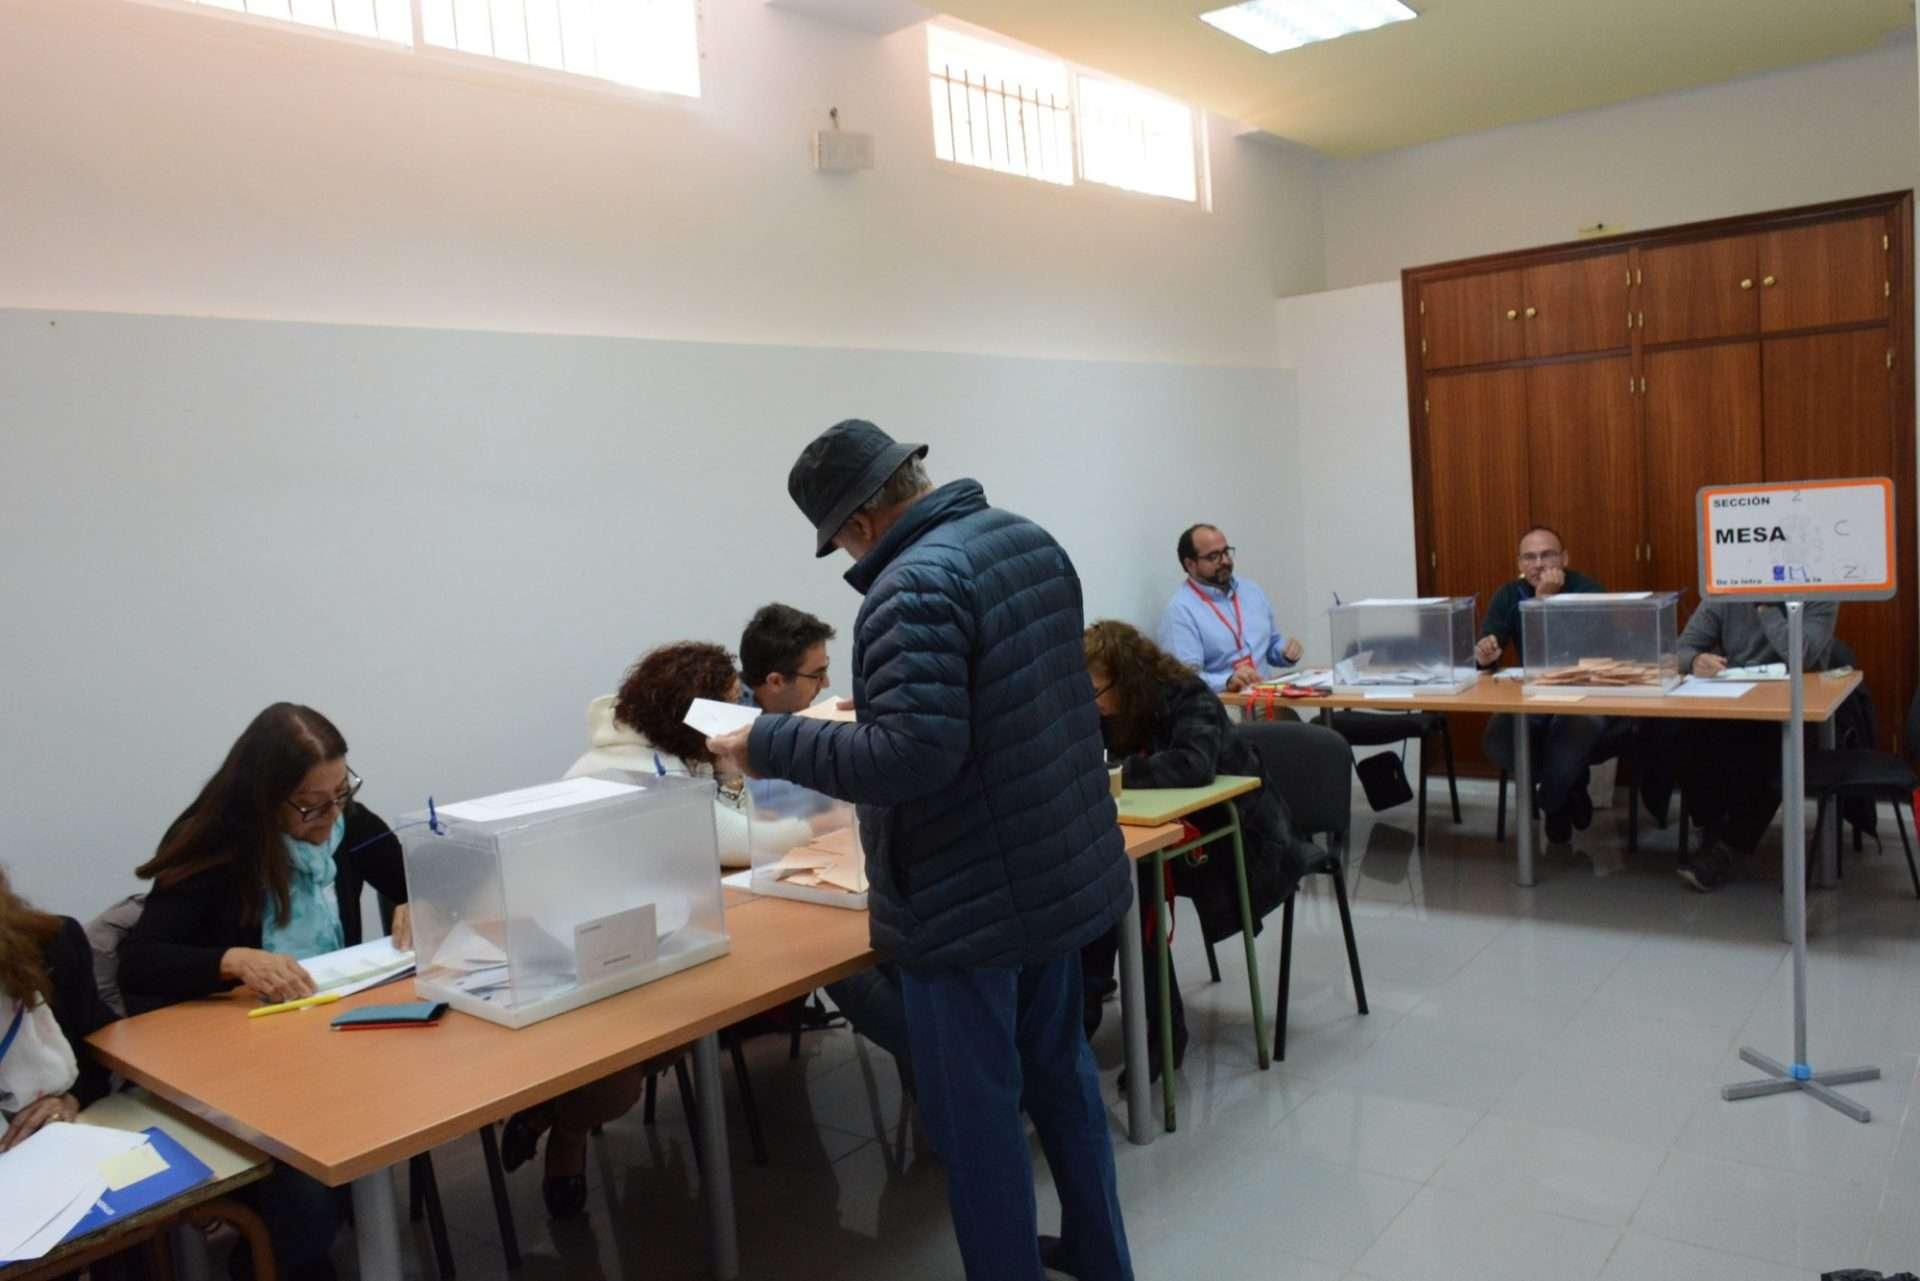 El PSOE vuelve a ganar en San Roque las elecciones generales - Sotograndedigital.com